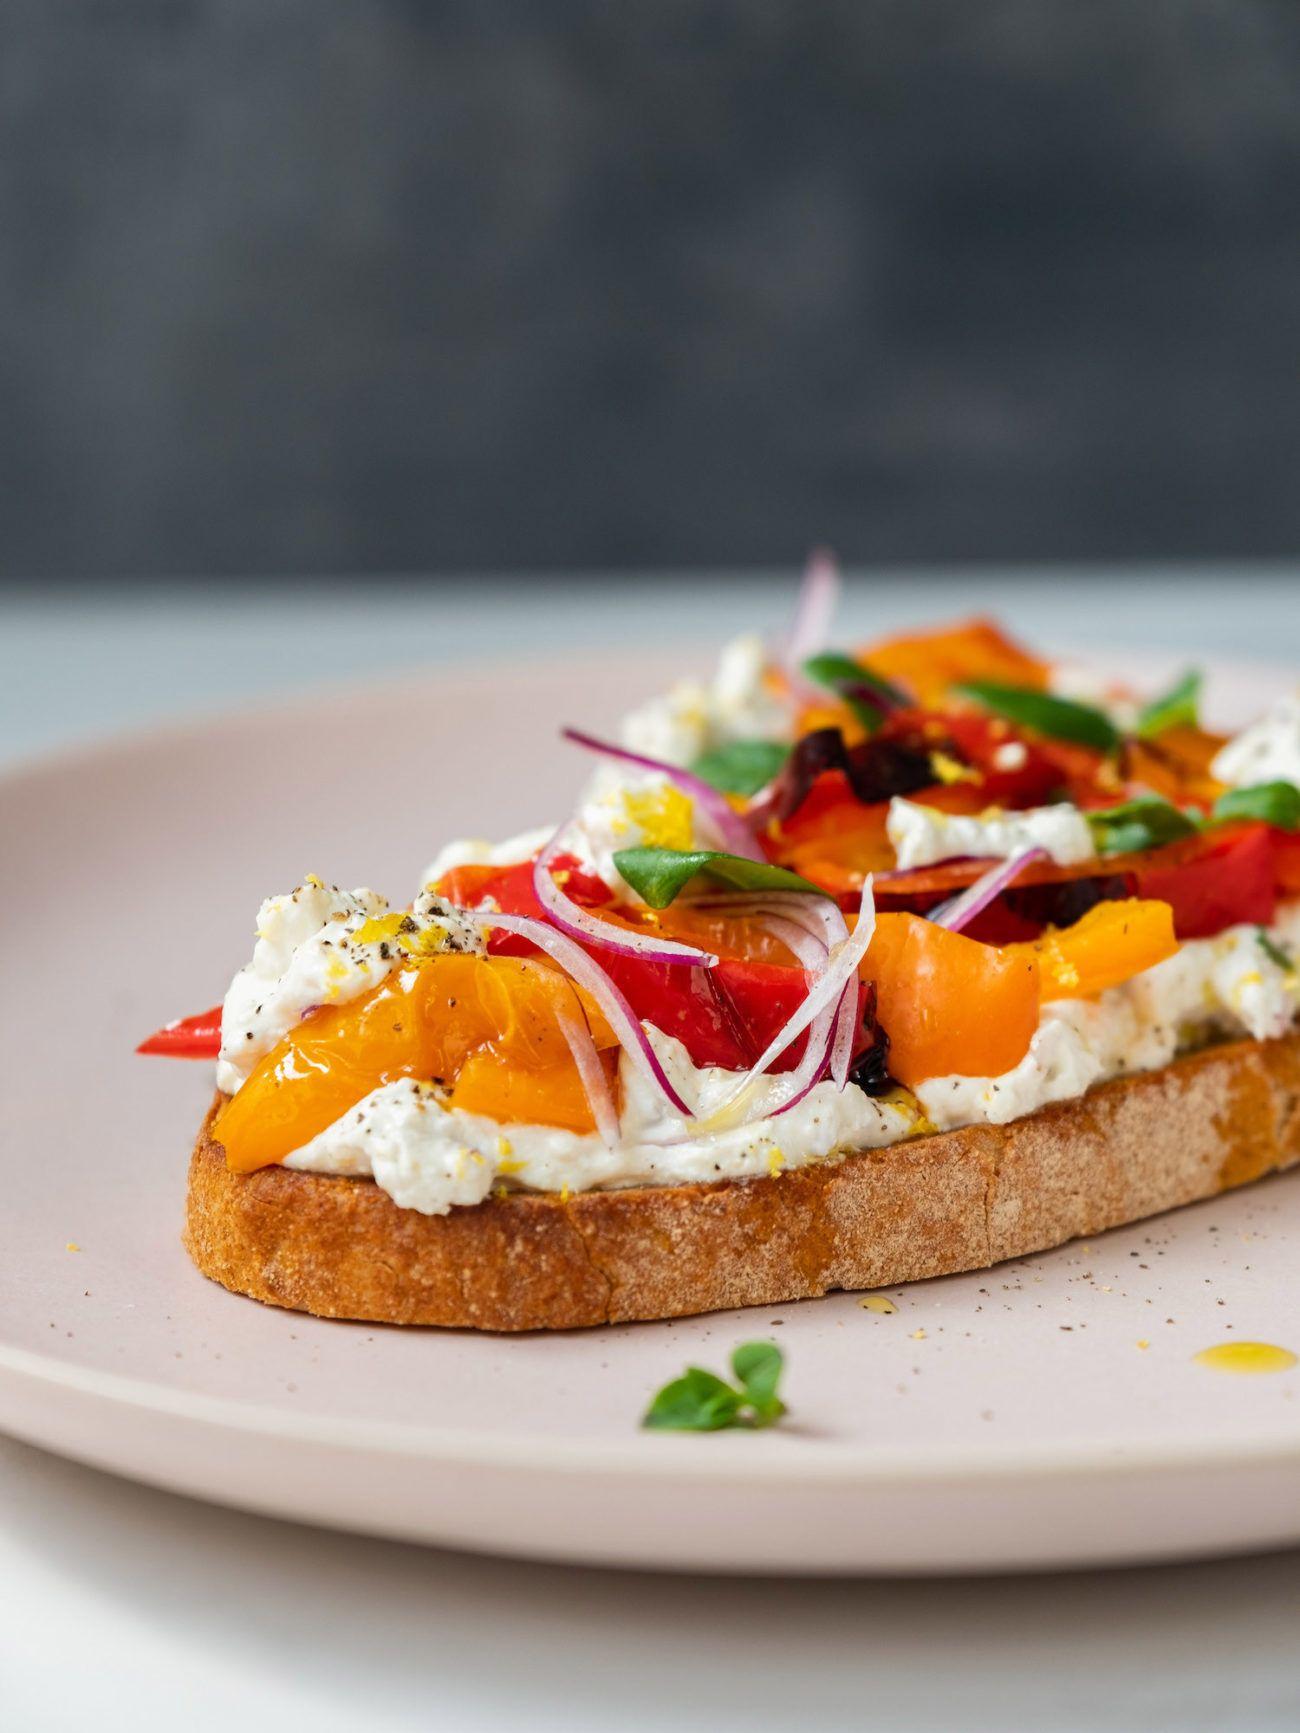 Rezept Sandwich mit Zitronenricotta und gegrillter Paprika, Sauerteigbrot, Olivenöl, Basilikum